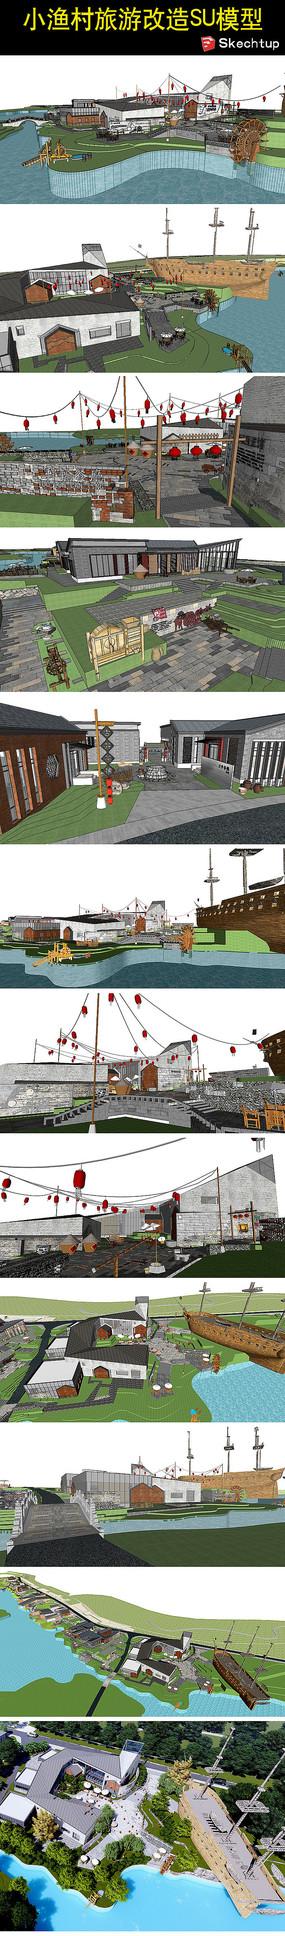 小渔村旅游改造SU模型